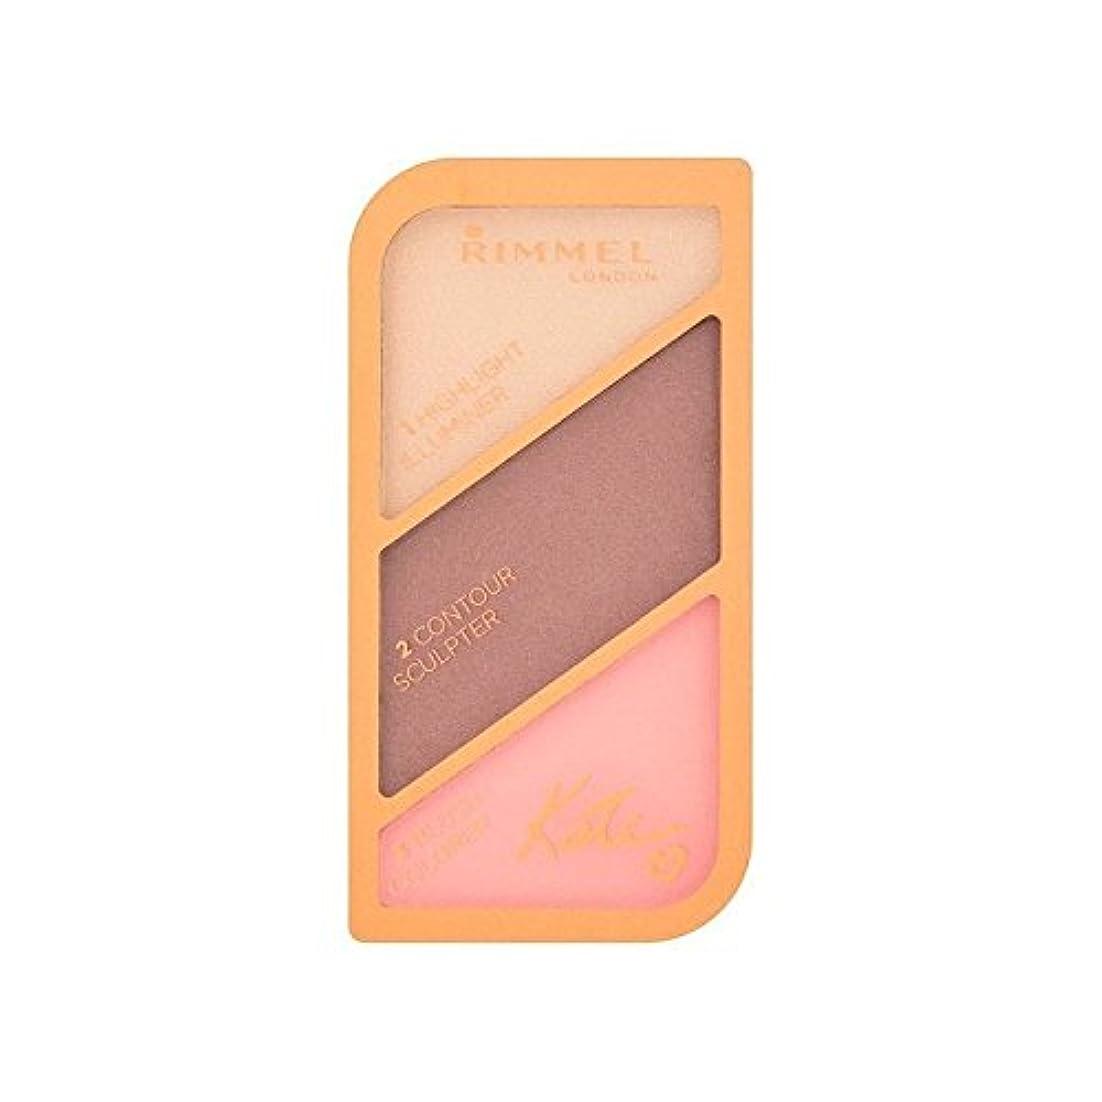 免除する三番体操選手Rimmel Kate Moss Sculpting Palette Golden Bronze 003 (Pack of 6) - リンメルケイト?モスの彫刻パレット黄金のブロンズ003 x6 [並行輸入品]